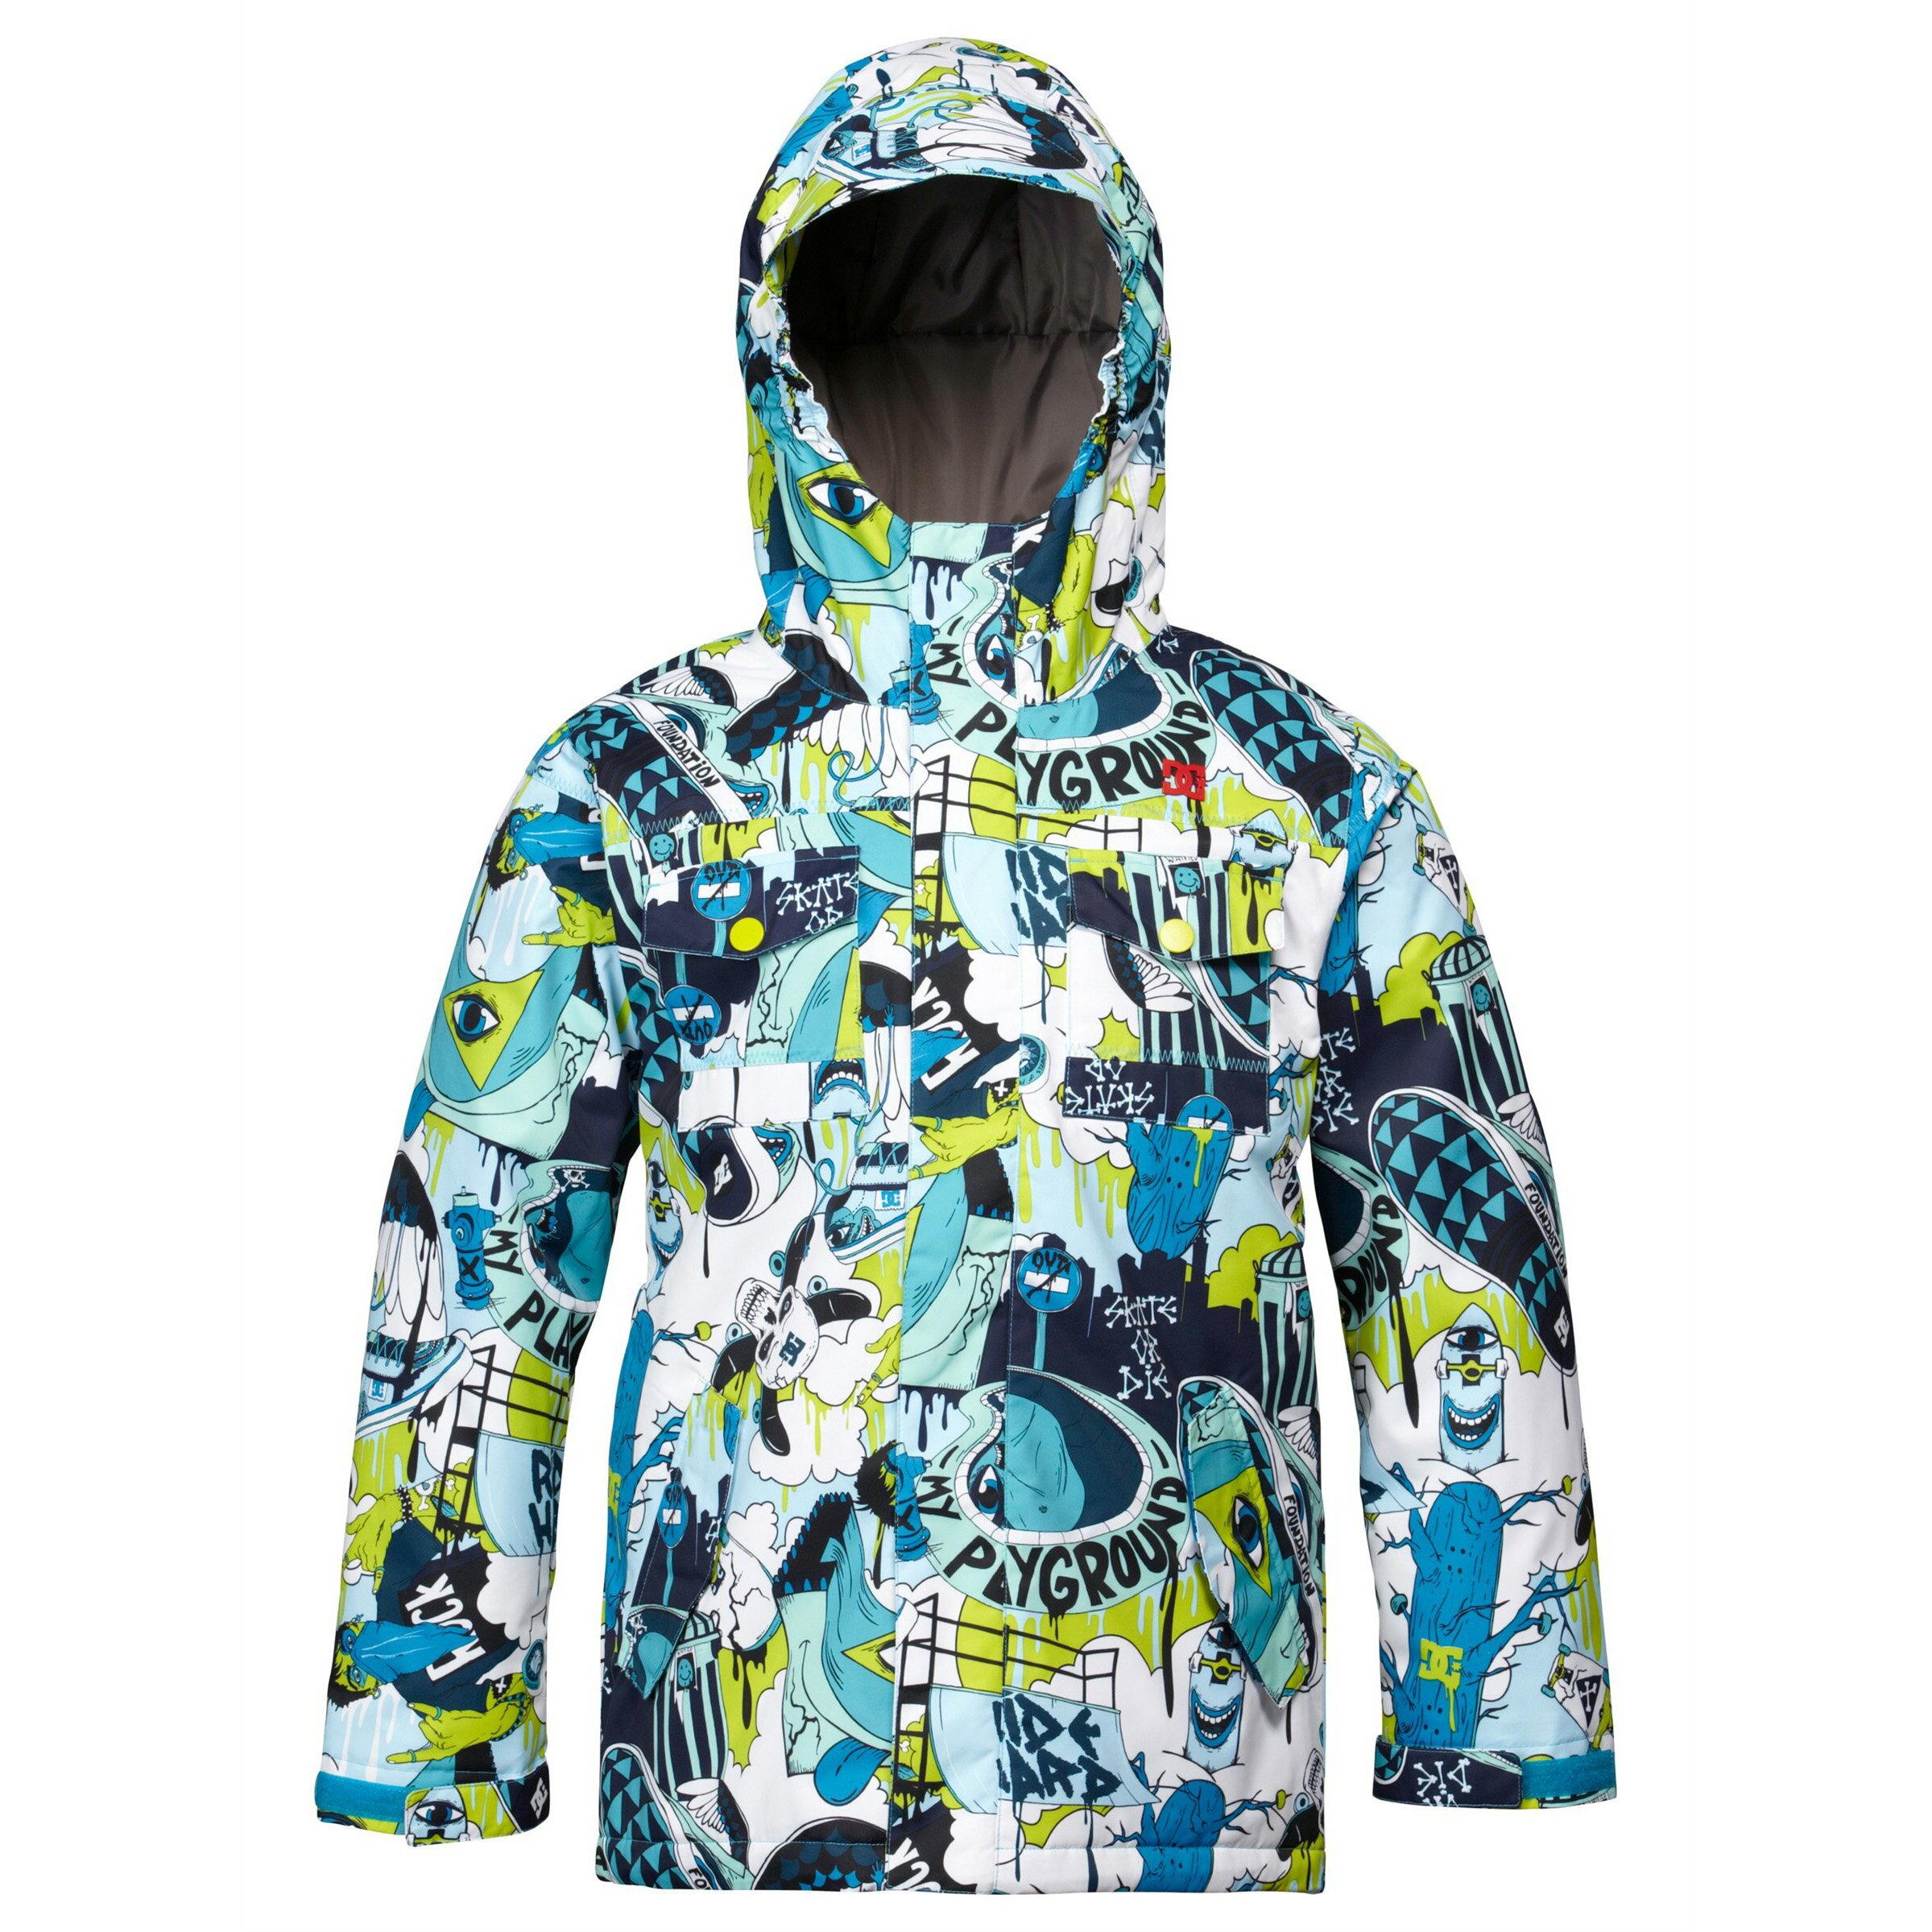 美國百分百【全新真品】DC 塗鴉 潮流 超厚 保暖 帽T 連帽 外套 夾克 滑雪 防寒 童裝 男孩 S號 E285